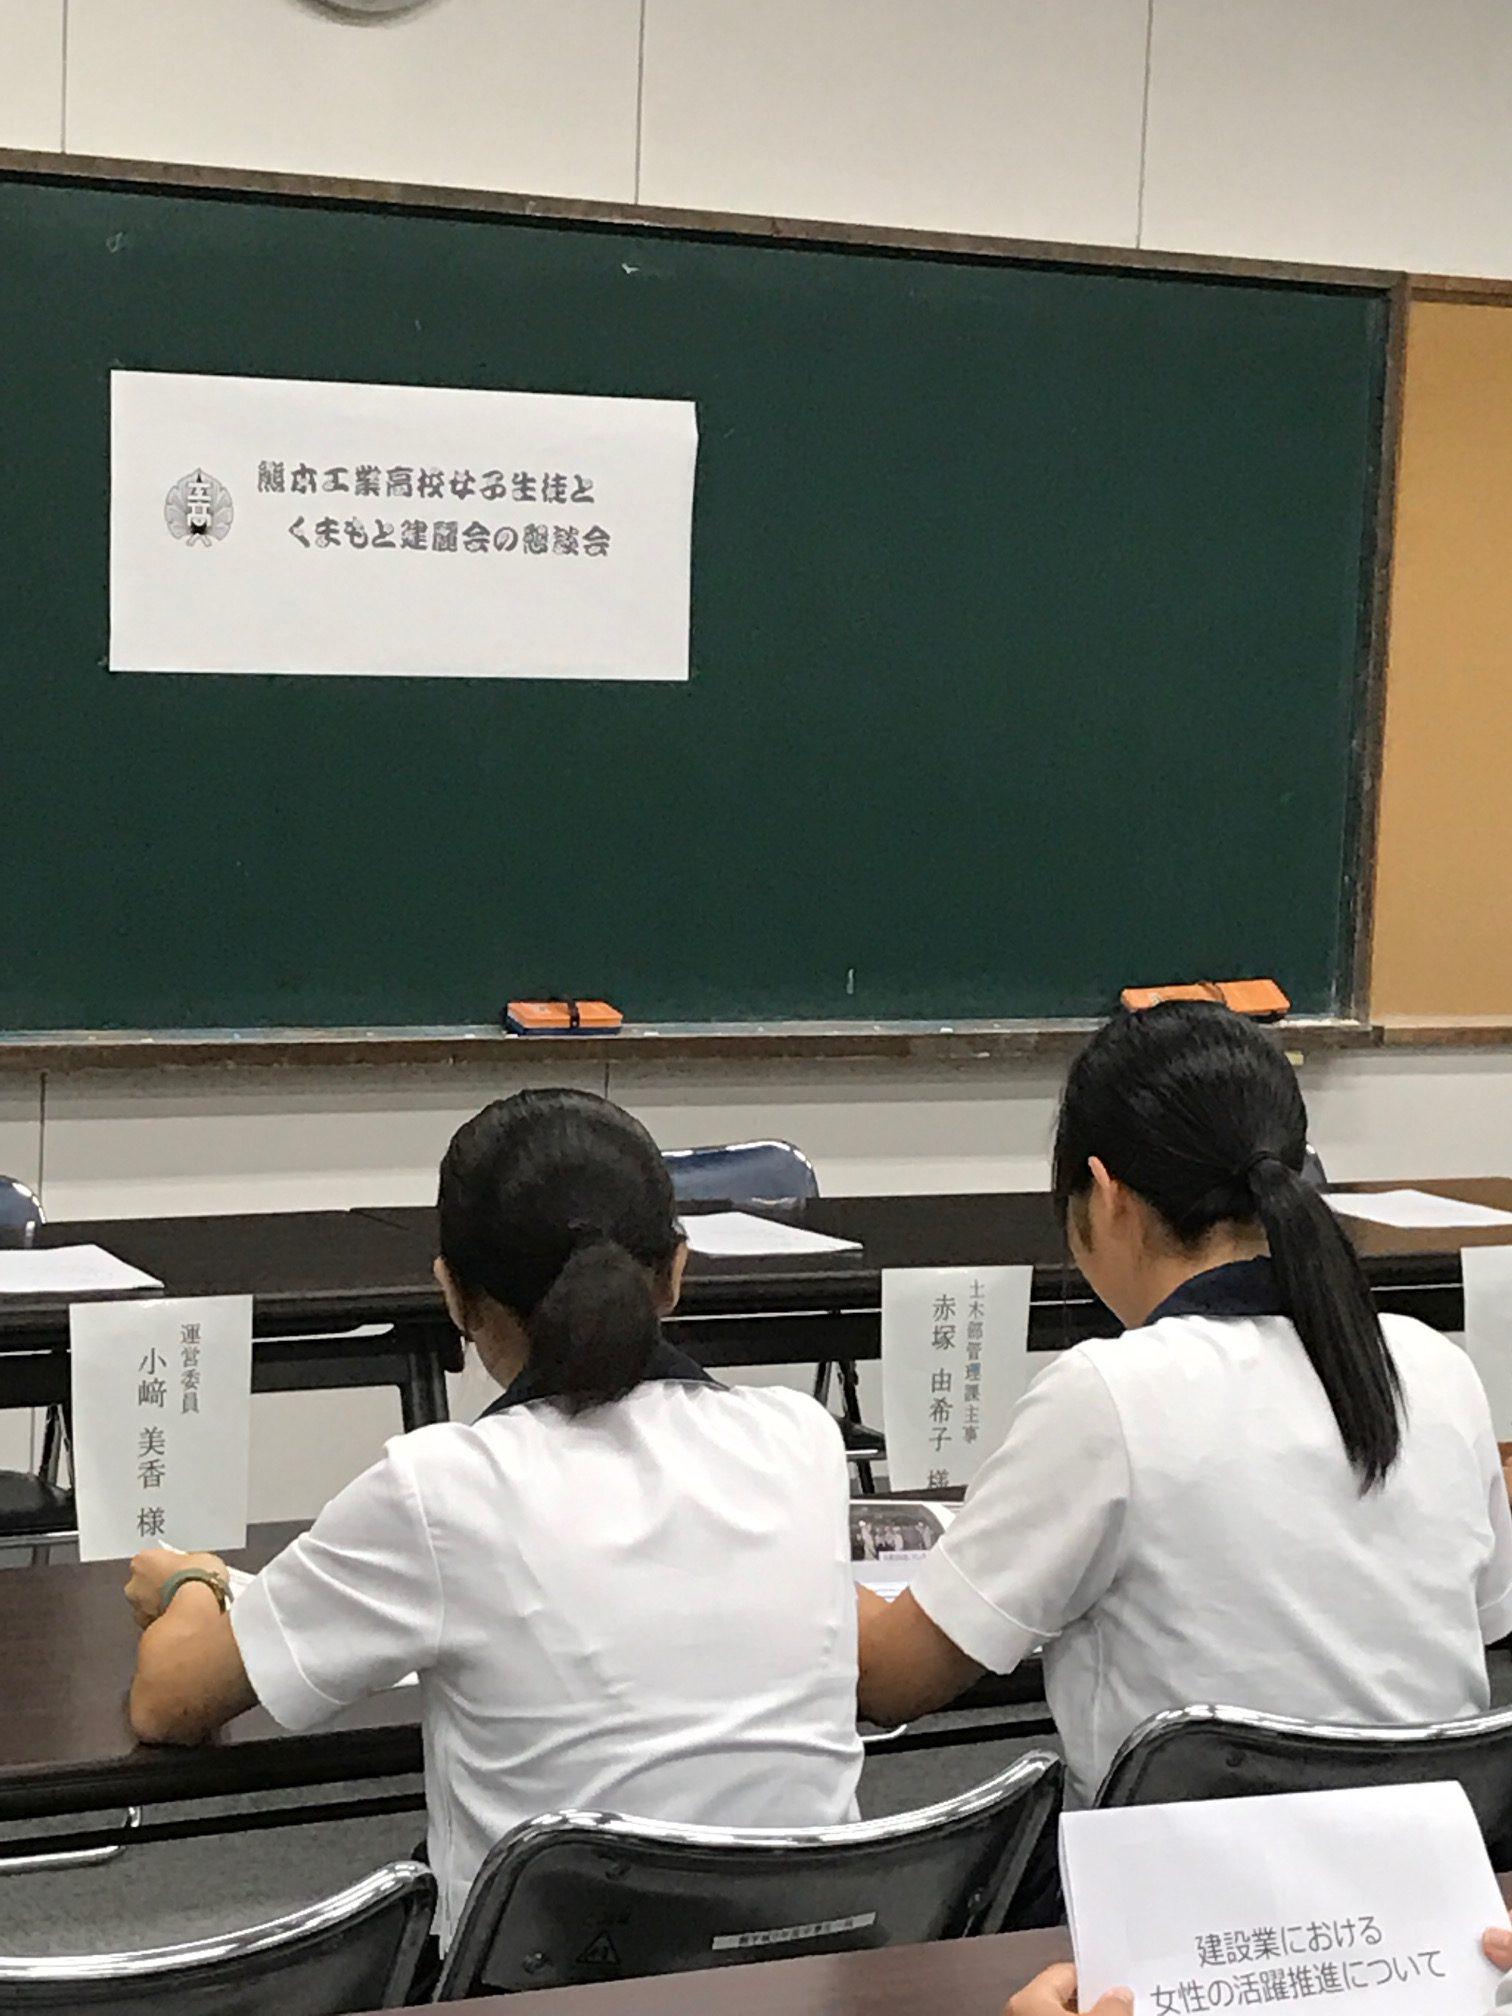 熊本工業高校女子生徒とくまもと建麗会との懇談会